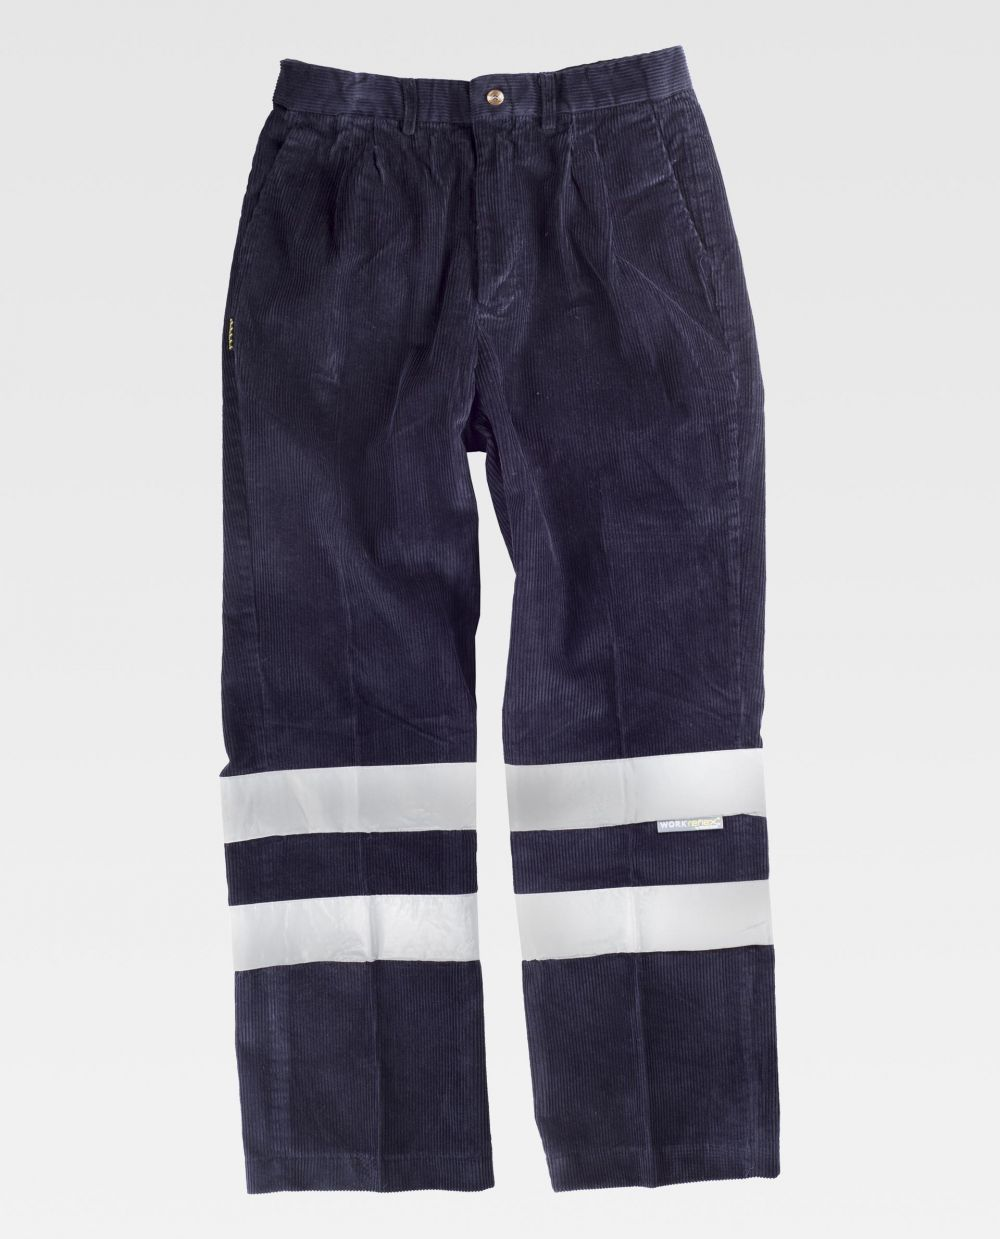 Pantalones de trabajo workteam s7016 de 100% algodón con impresión vista 2